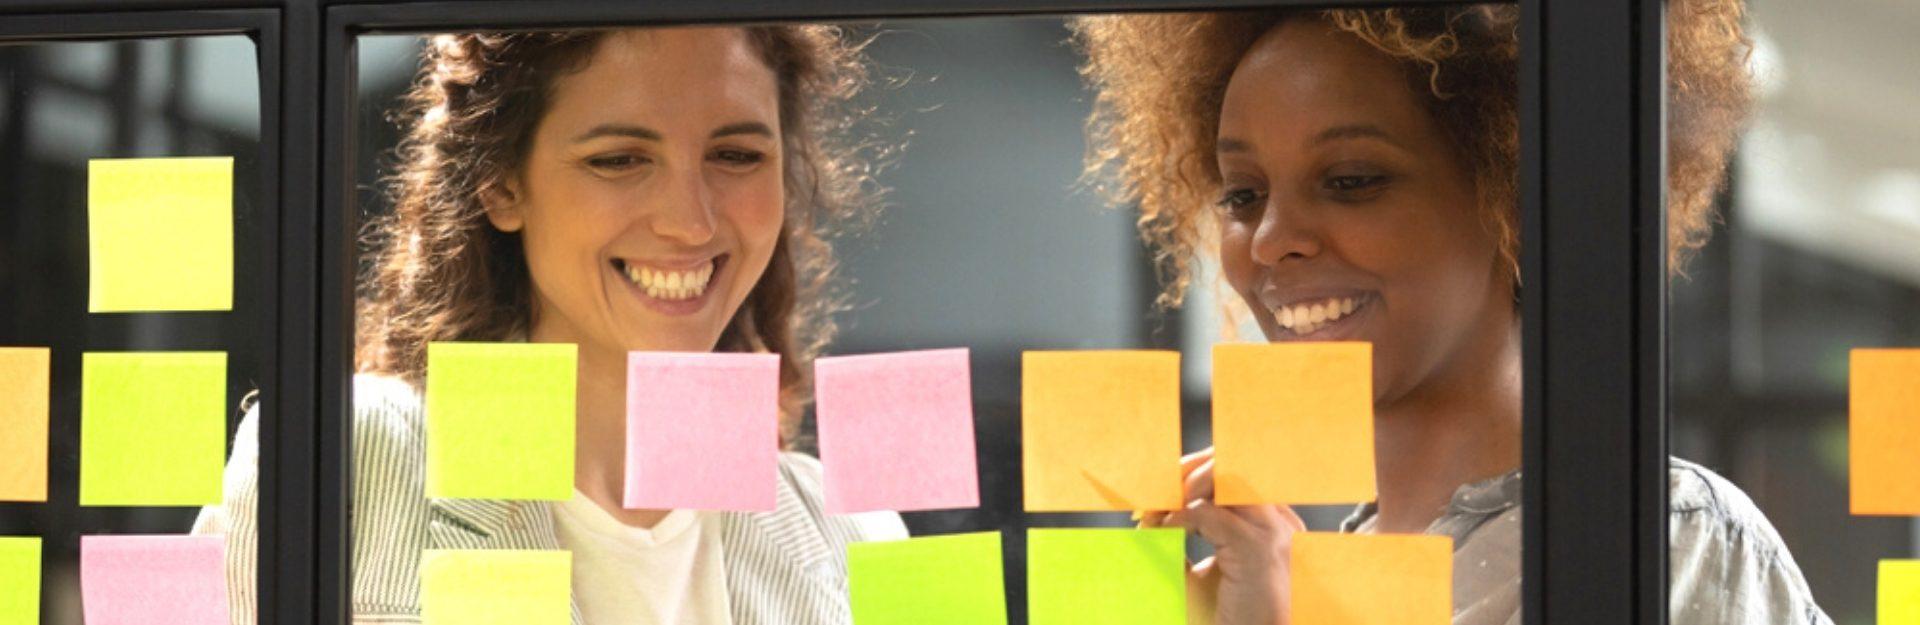 Zwei Frauen beim Brainstormen